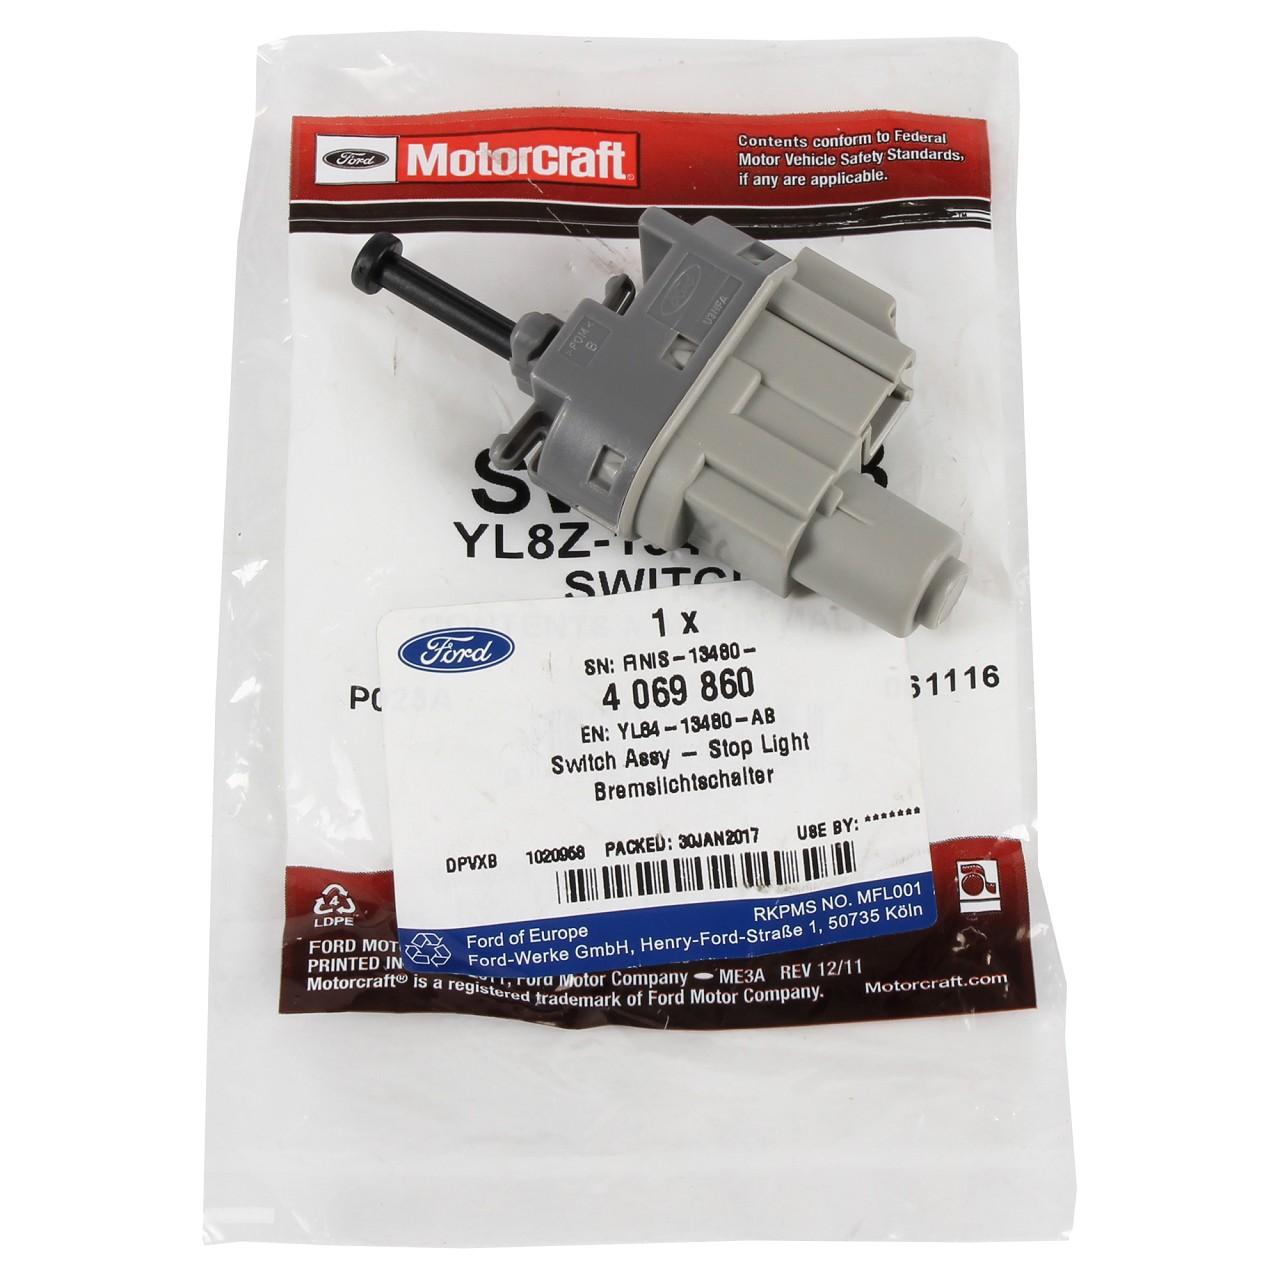 ORIGINAL Ford Bremslichtschalter Schalter Bremslicht MAVERICK 4069860